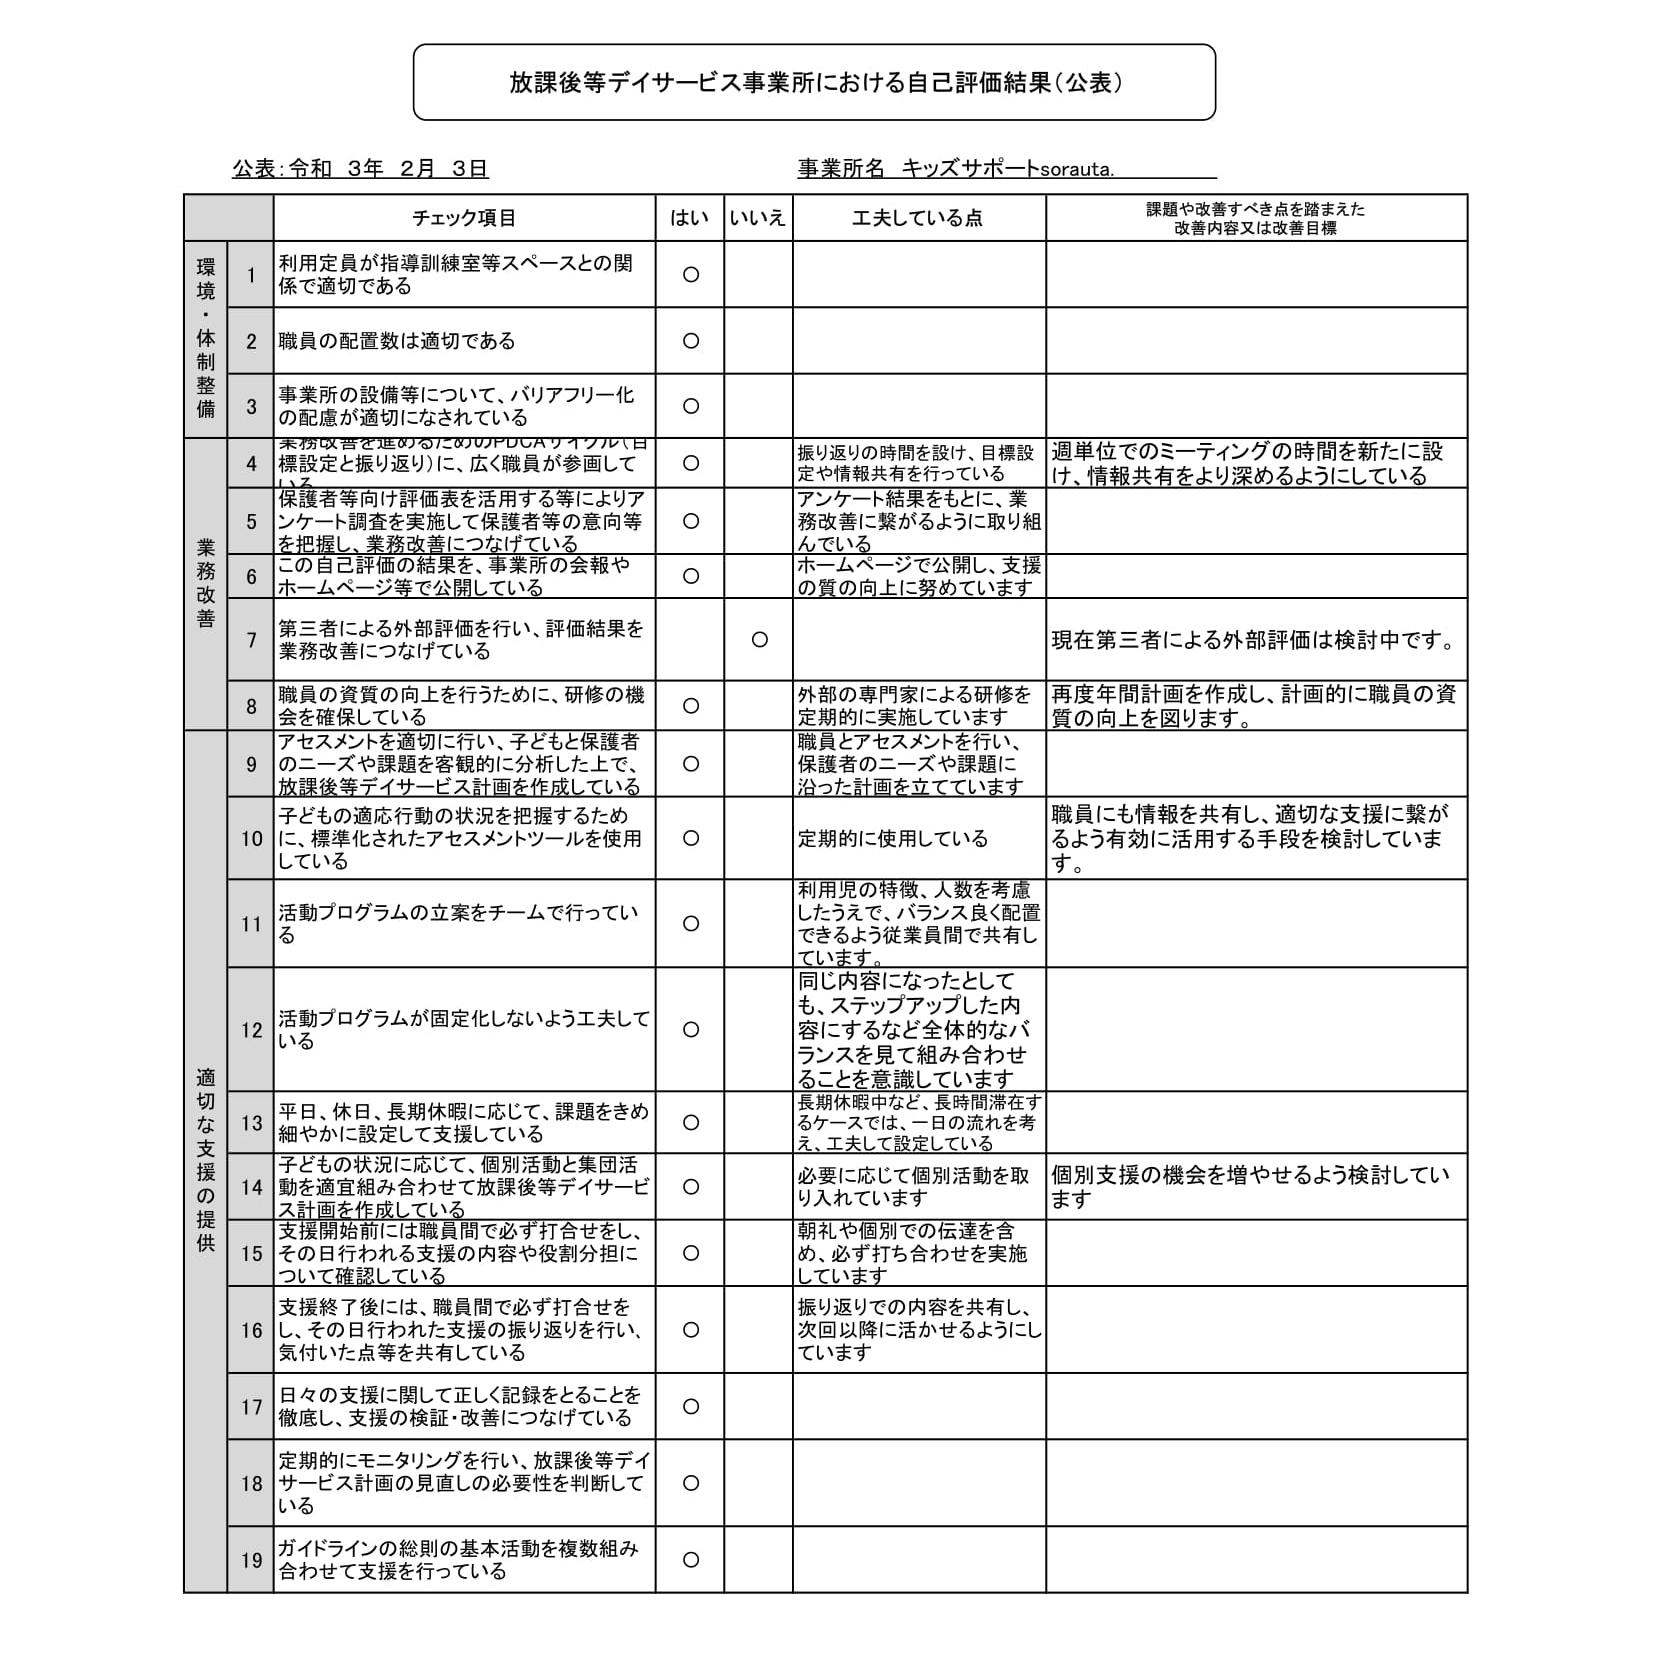 【放課後等デイサービス】事業所における自己評価結果(sorauta.)-1